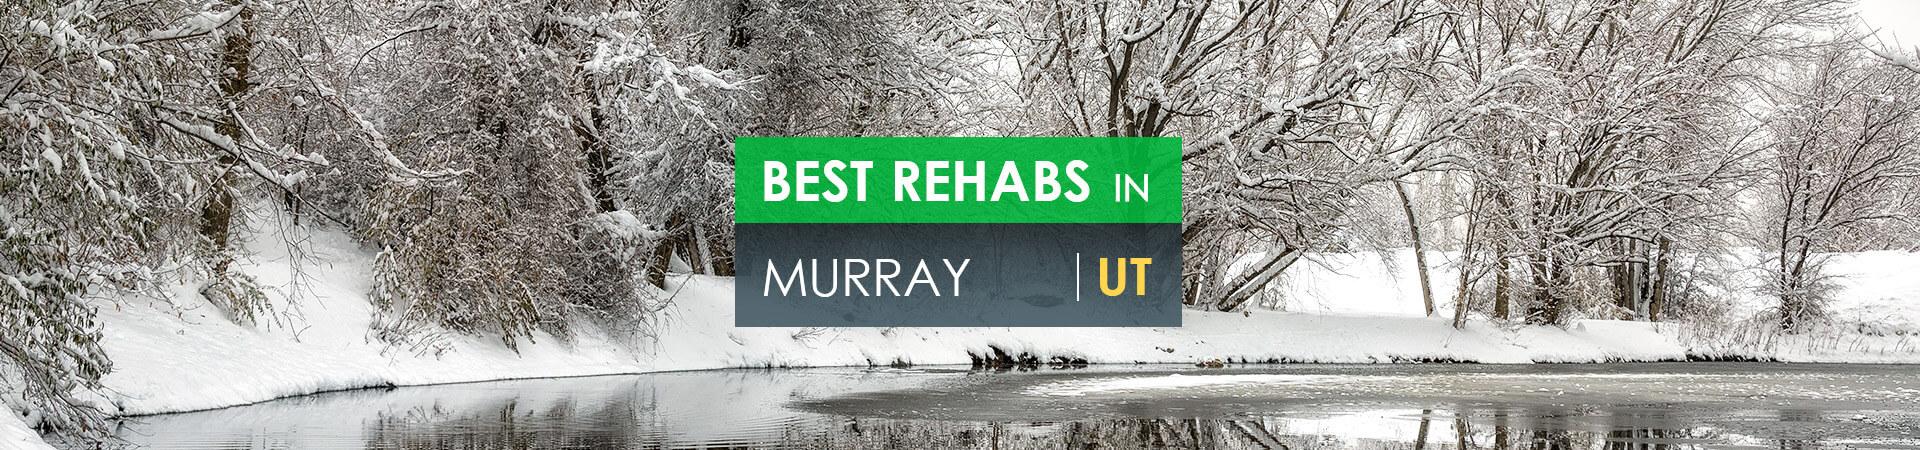 Best rehabs in Murray, UT